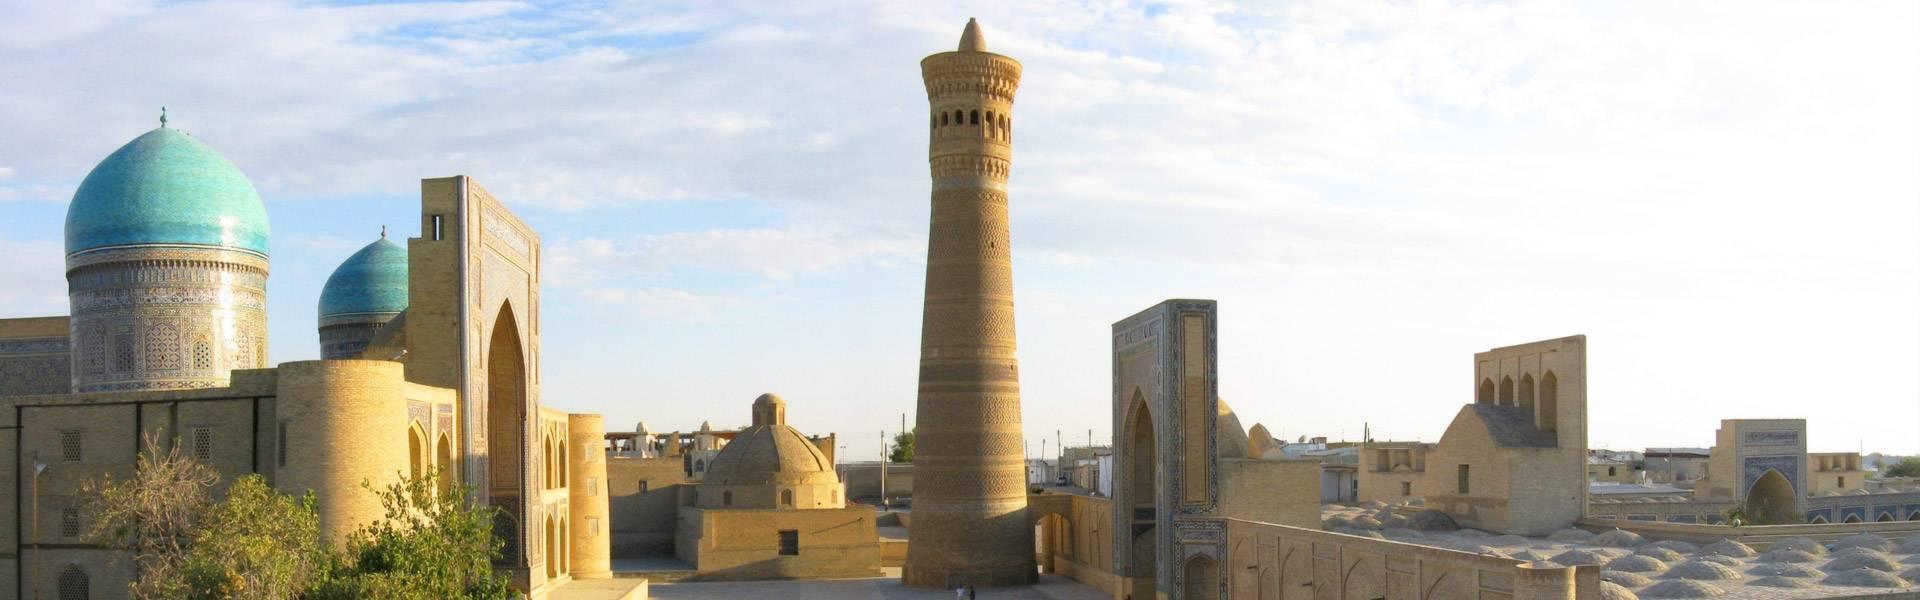 topo-uzbequistao Ásia